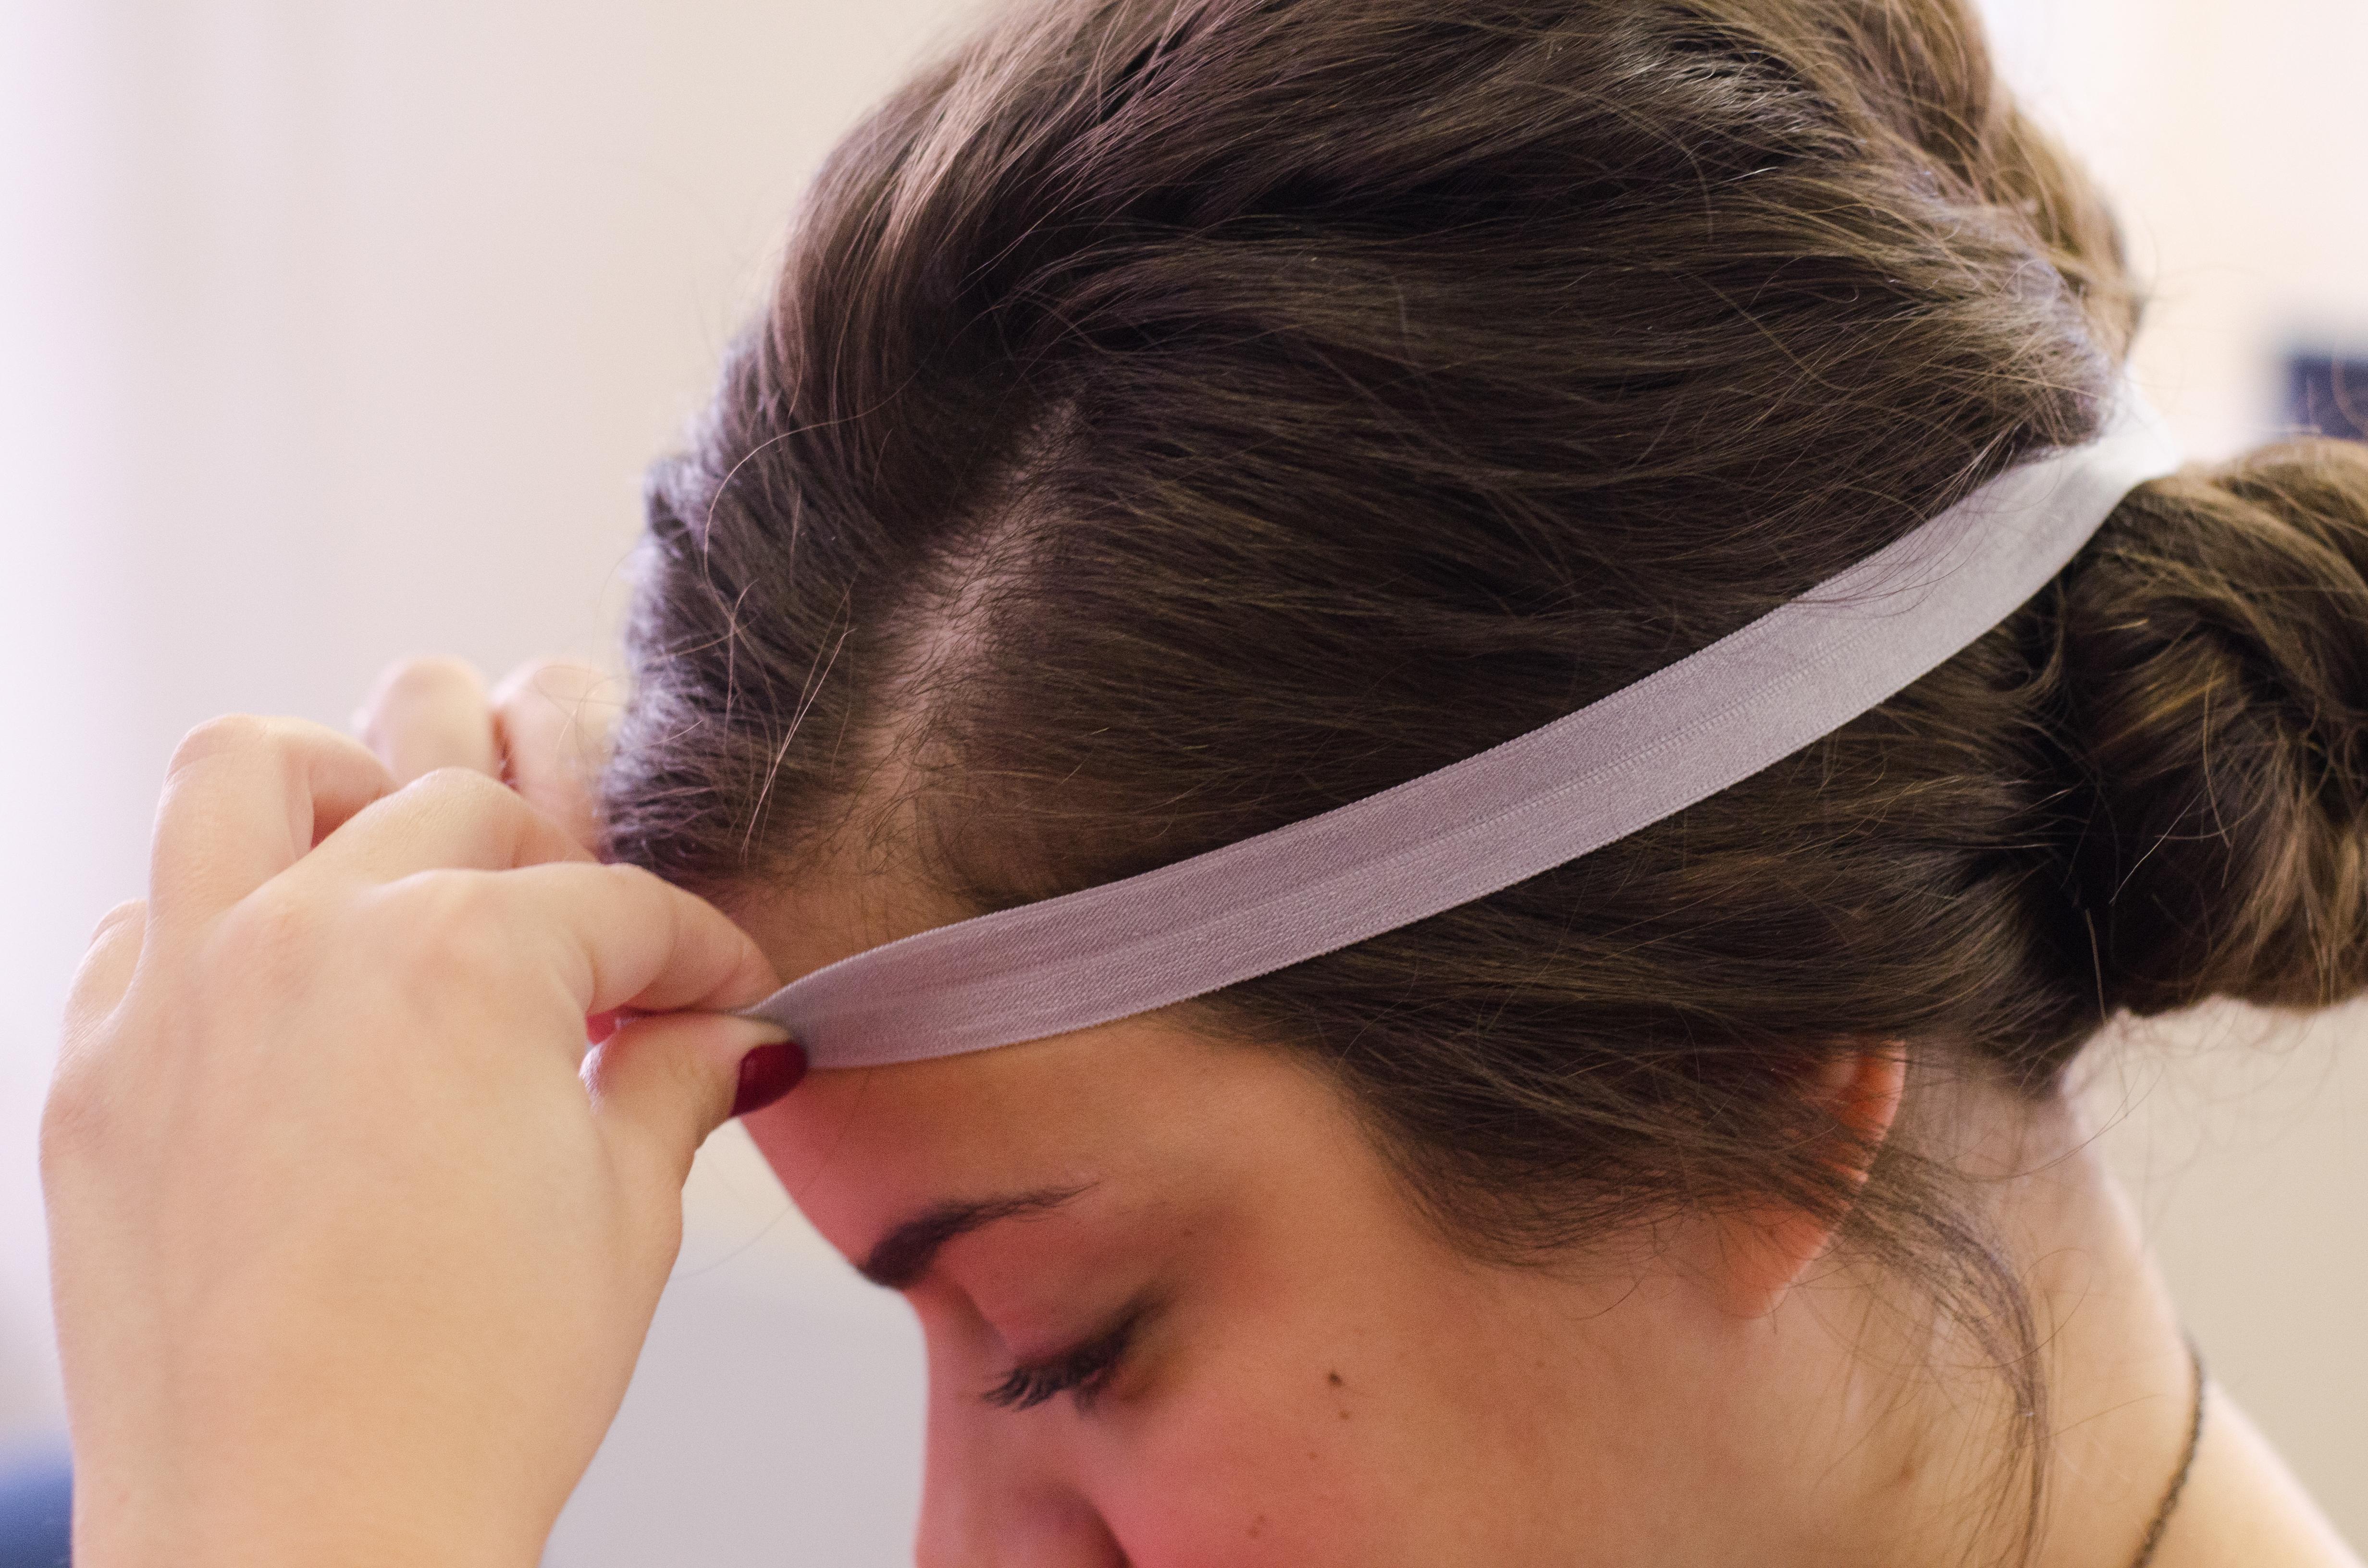 Gatsy Headband Fitting